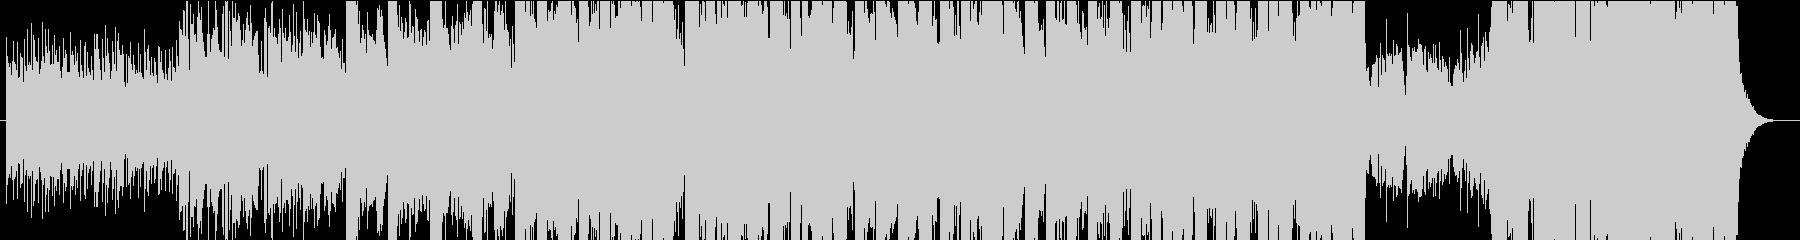 マンドリン、バイオリンを用いた月の歌の未再生の波形